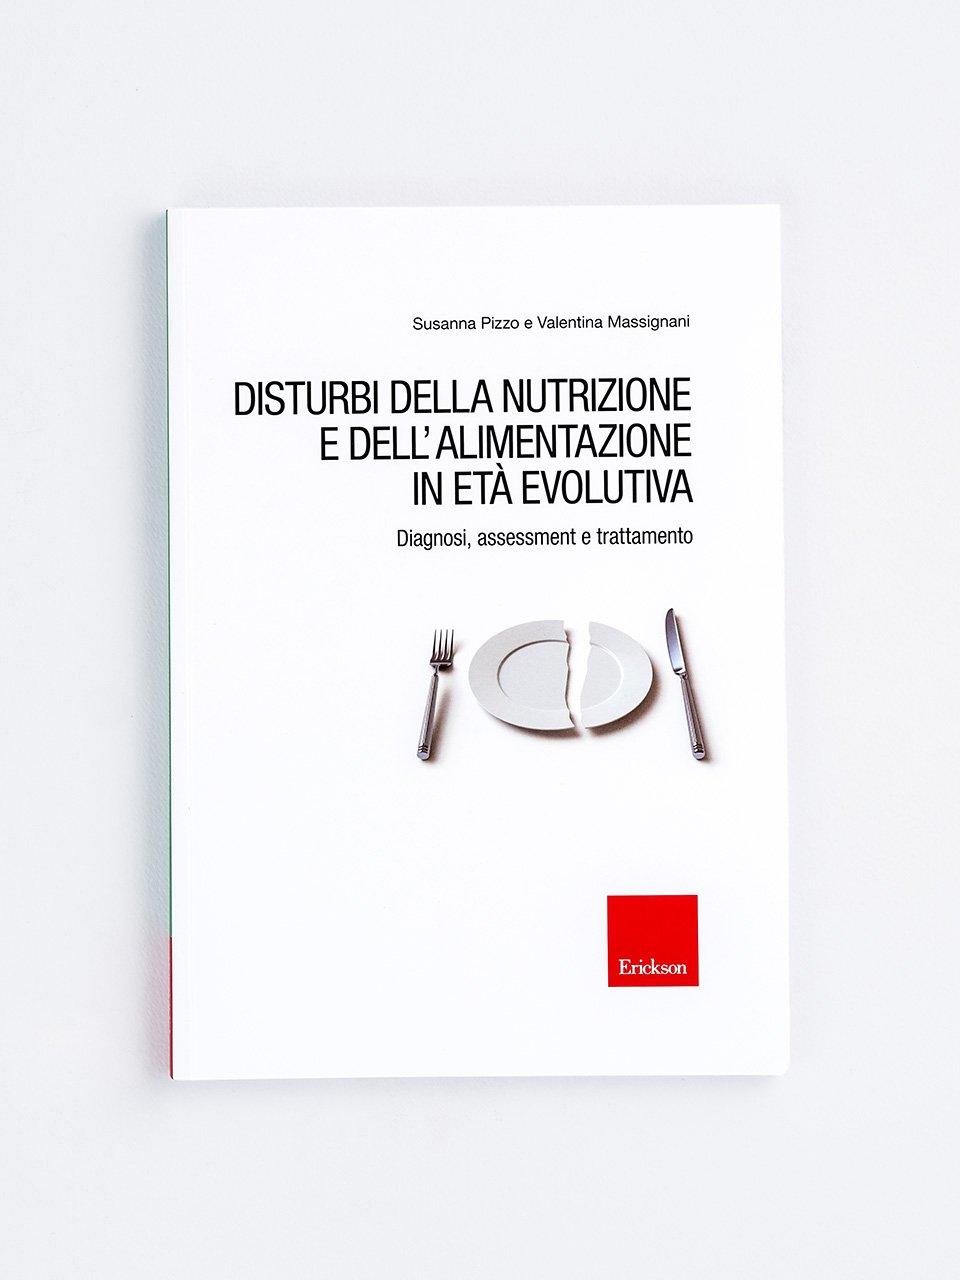 Disturbi della nutrizione e dell'alimentazione in età evolutiva - Manuale di psicoeducazione per disturbi dell'alime - Libri - Erickson